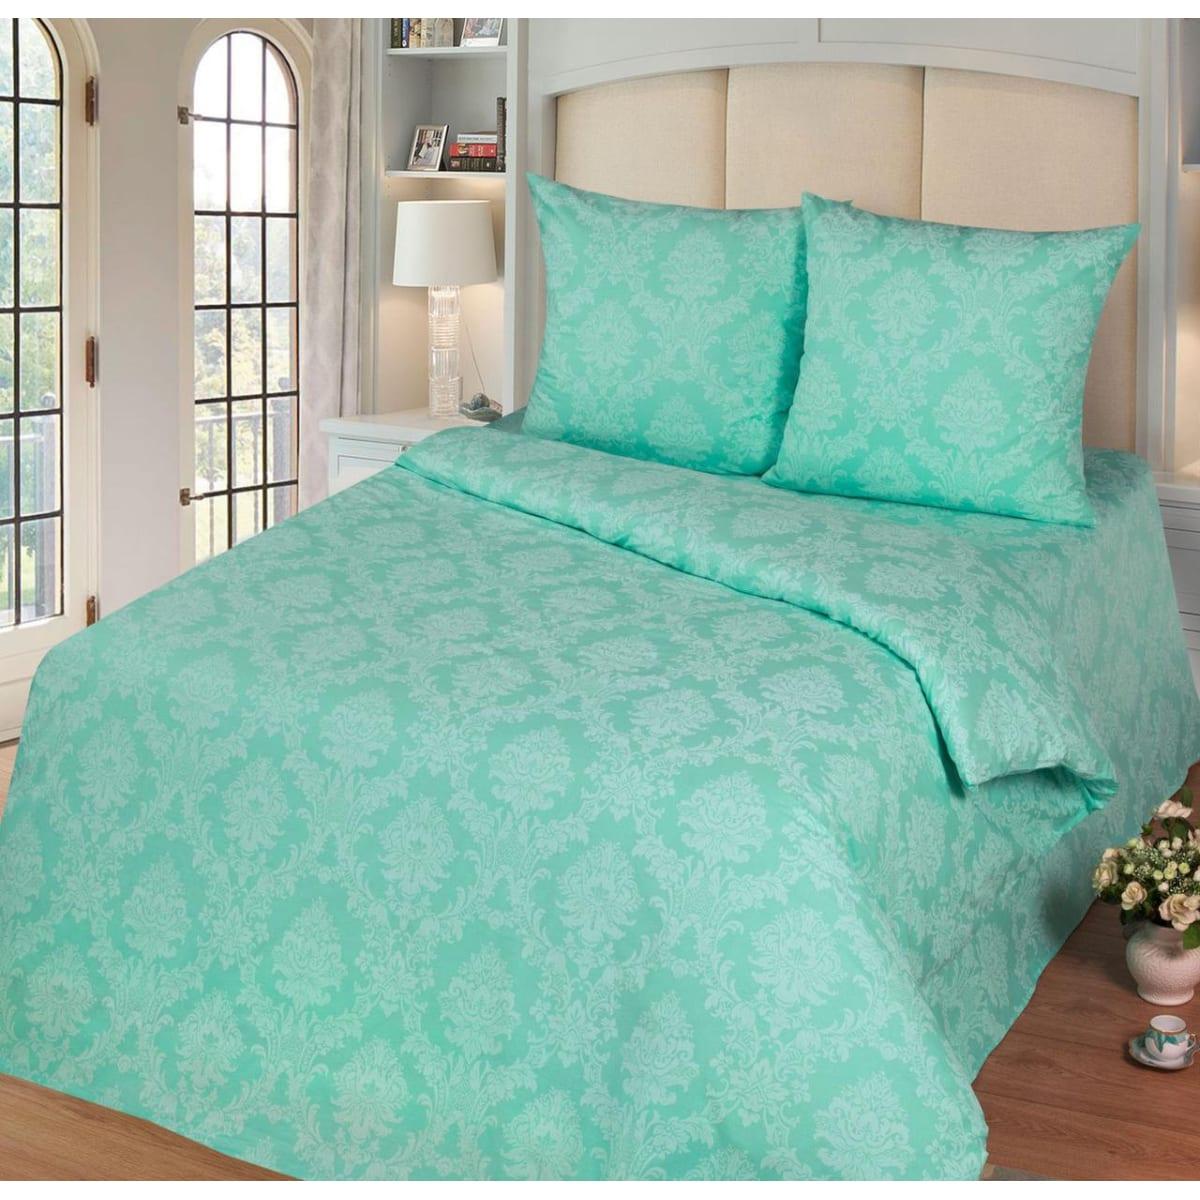 Комплект постельного белья MILANIKA Бирюза полутораспальный, поплин